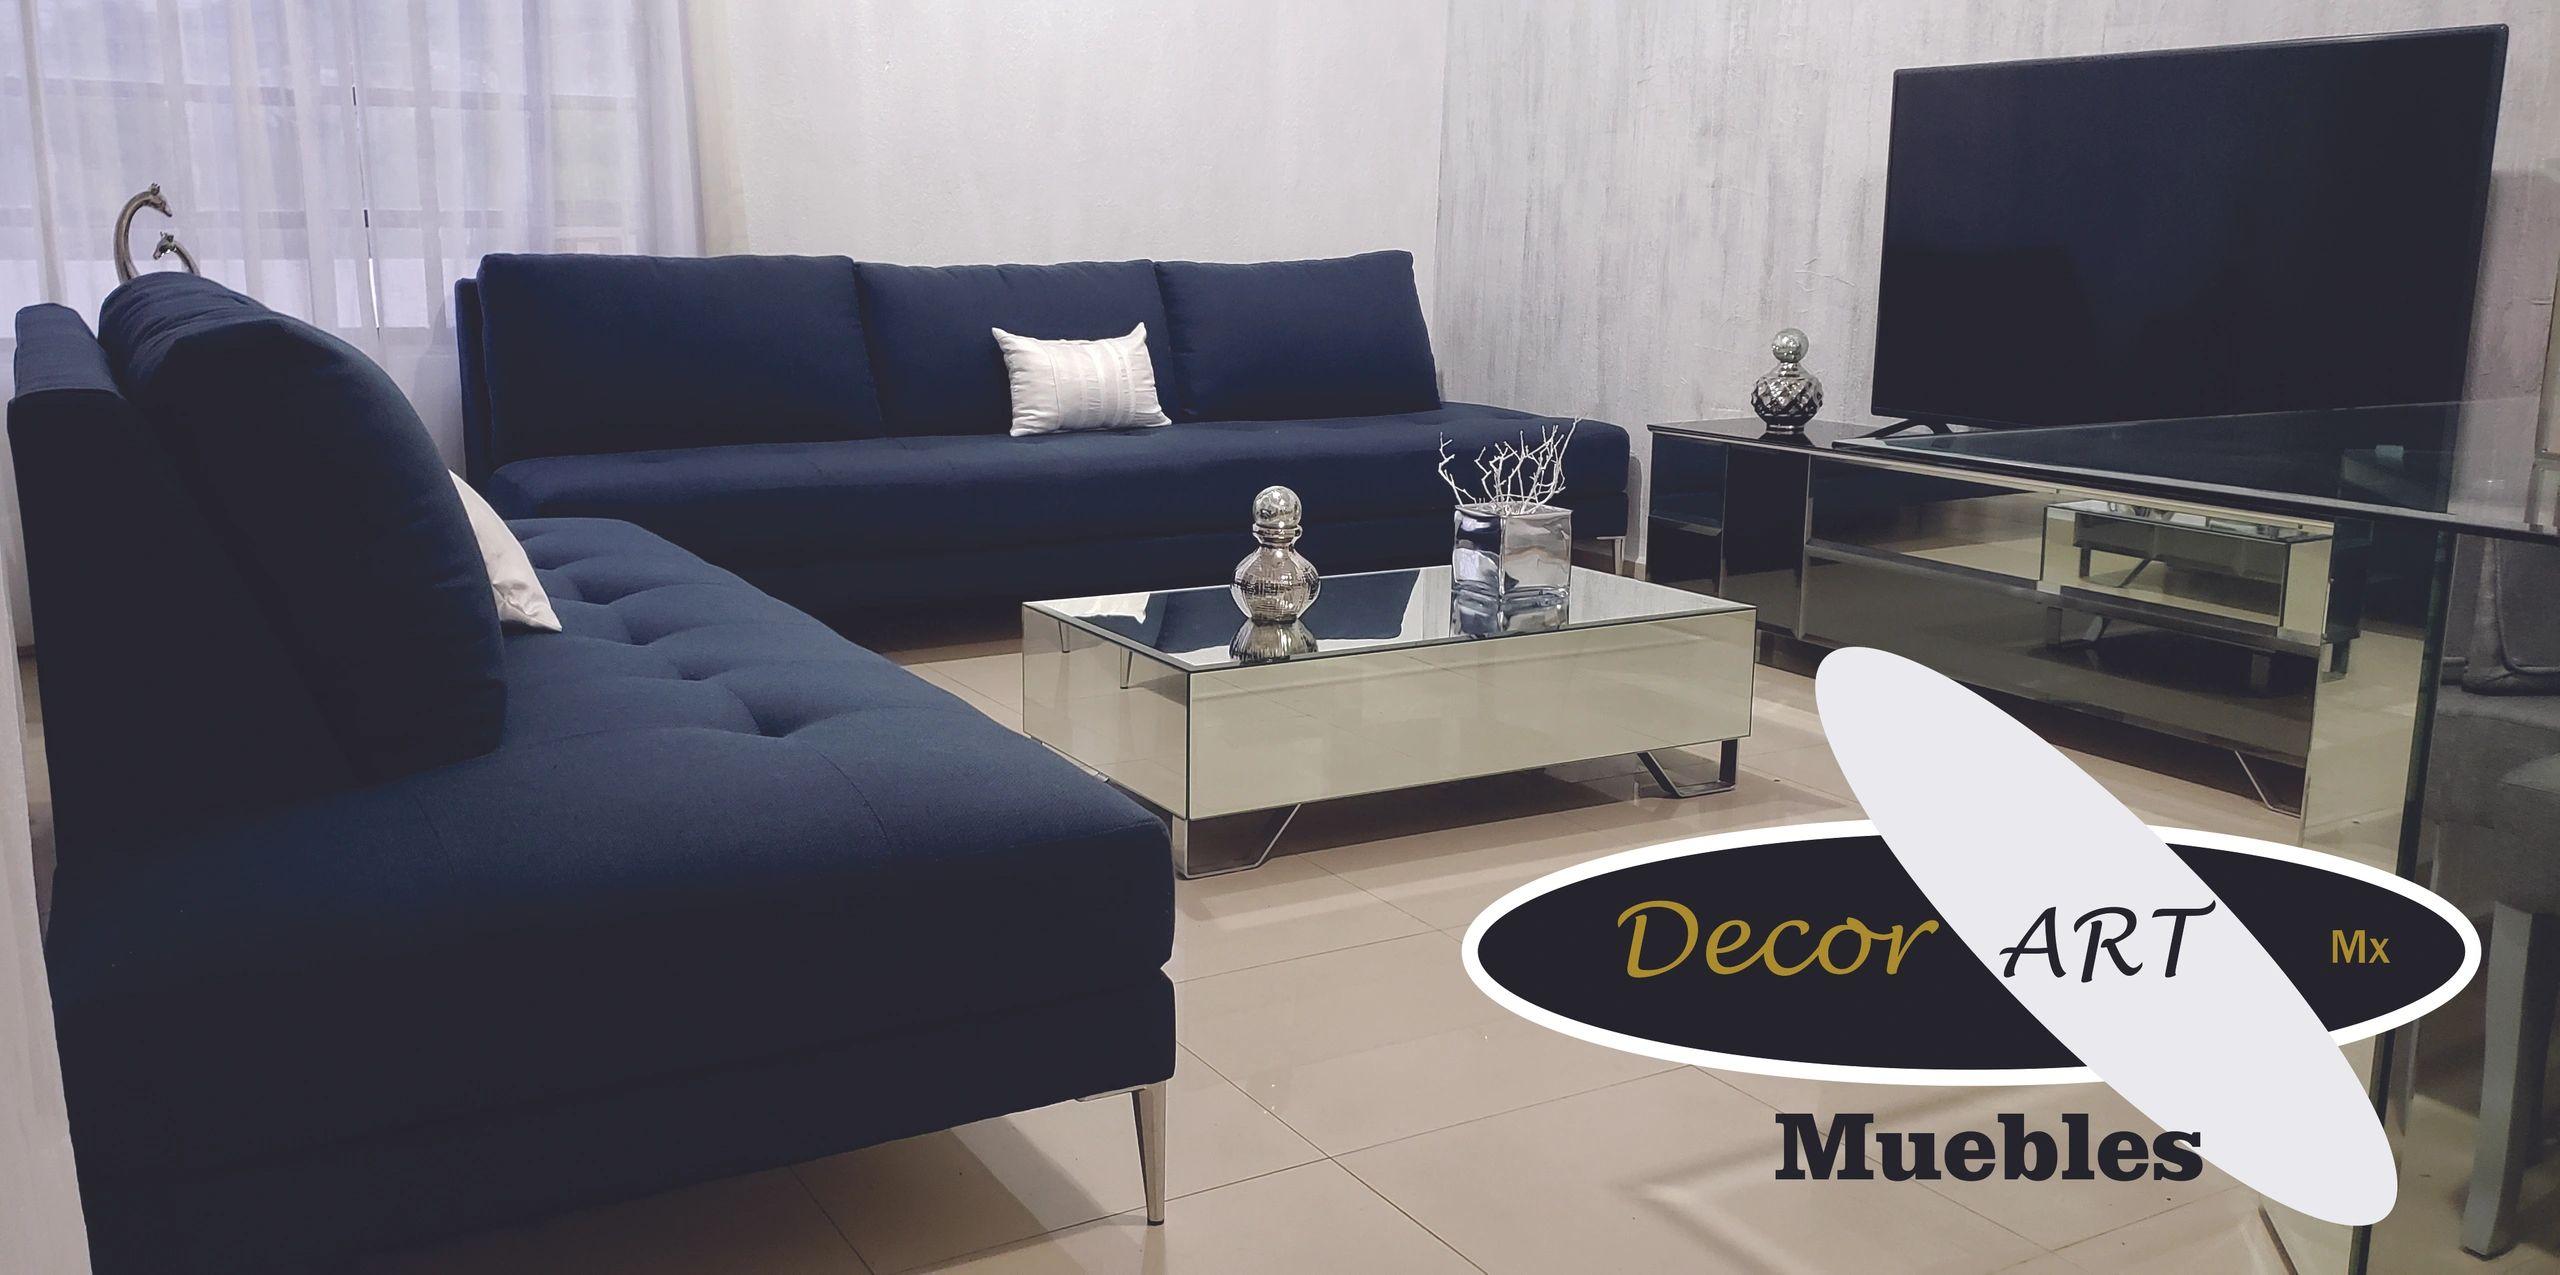 Muebles Decorart Mx - Tienda De Muebles, Salas, Comedores, Recamaras ...